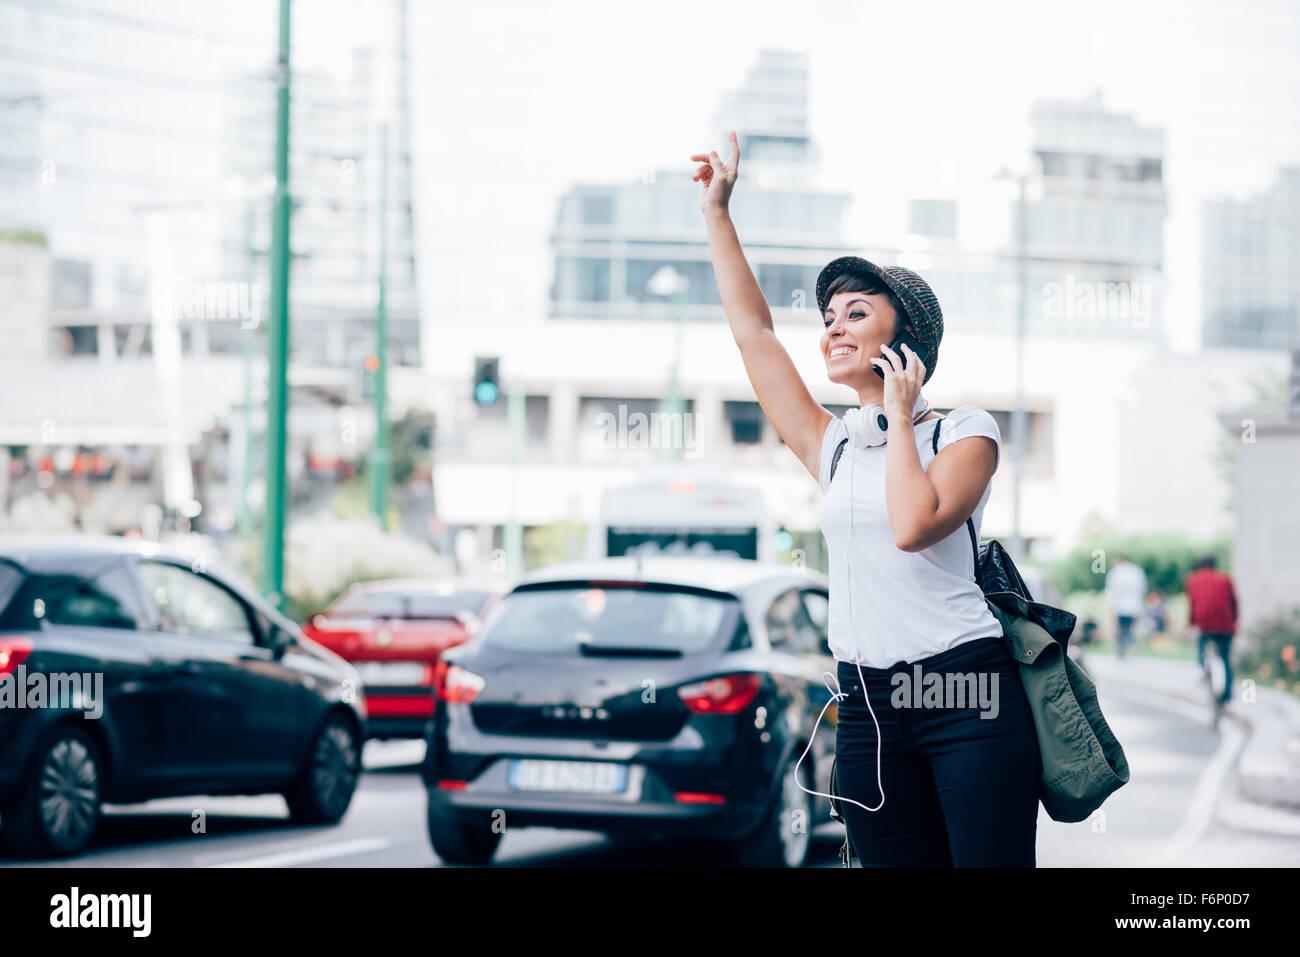 Rodilla la figura del joven apuesto marrón de pelo recto mujer caucásica pidiendo un taxi elevando sus Imagen De Stock